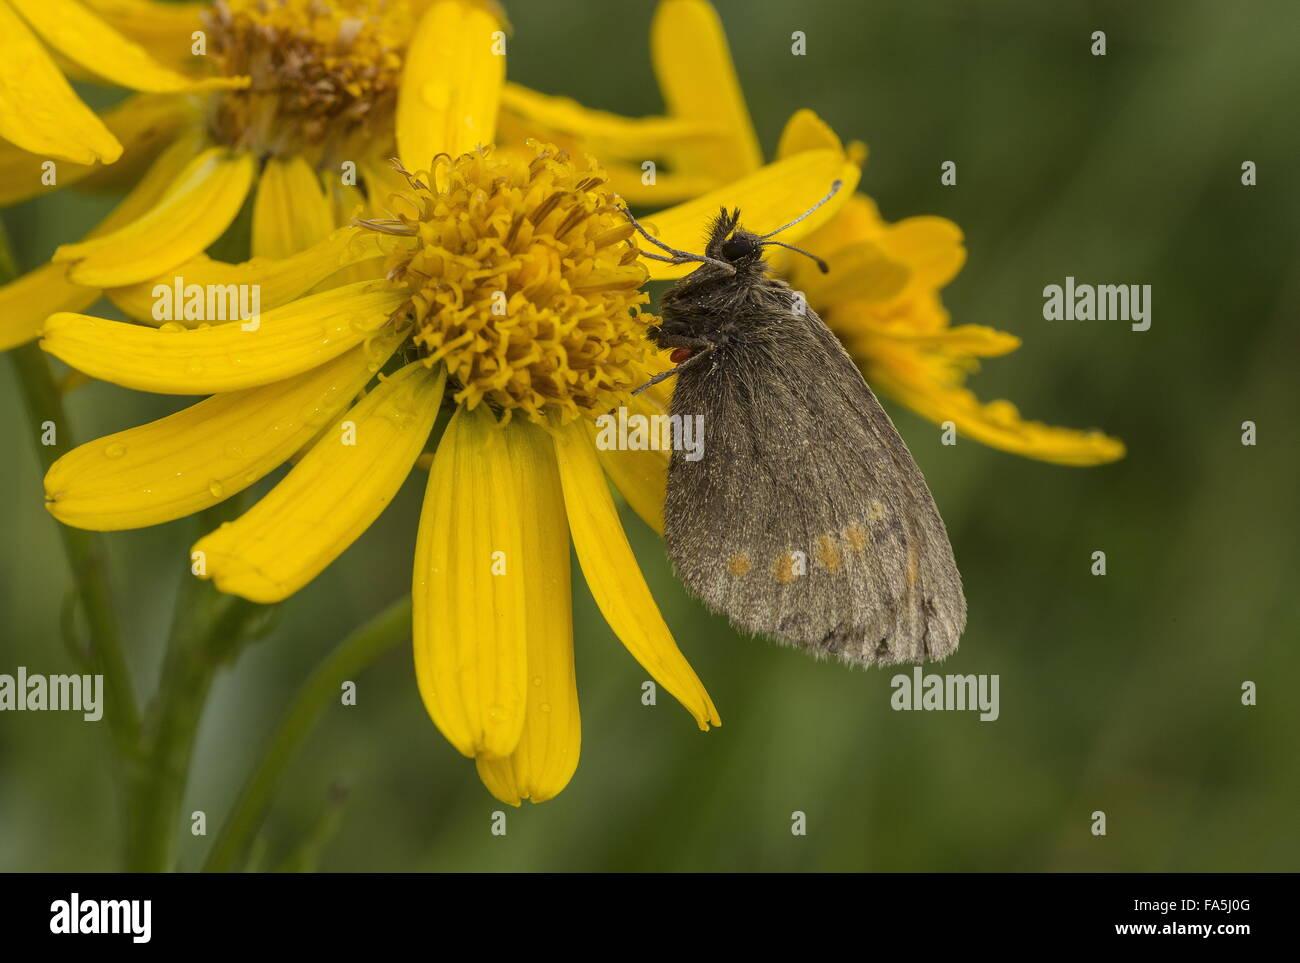 Blind Ringlet, Erebia pharte, settled in damp weather, Dolomites, Italy. European endemic. - Stock Image